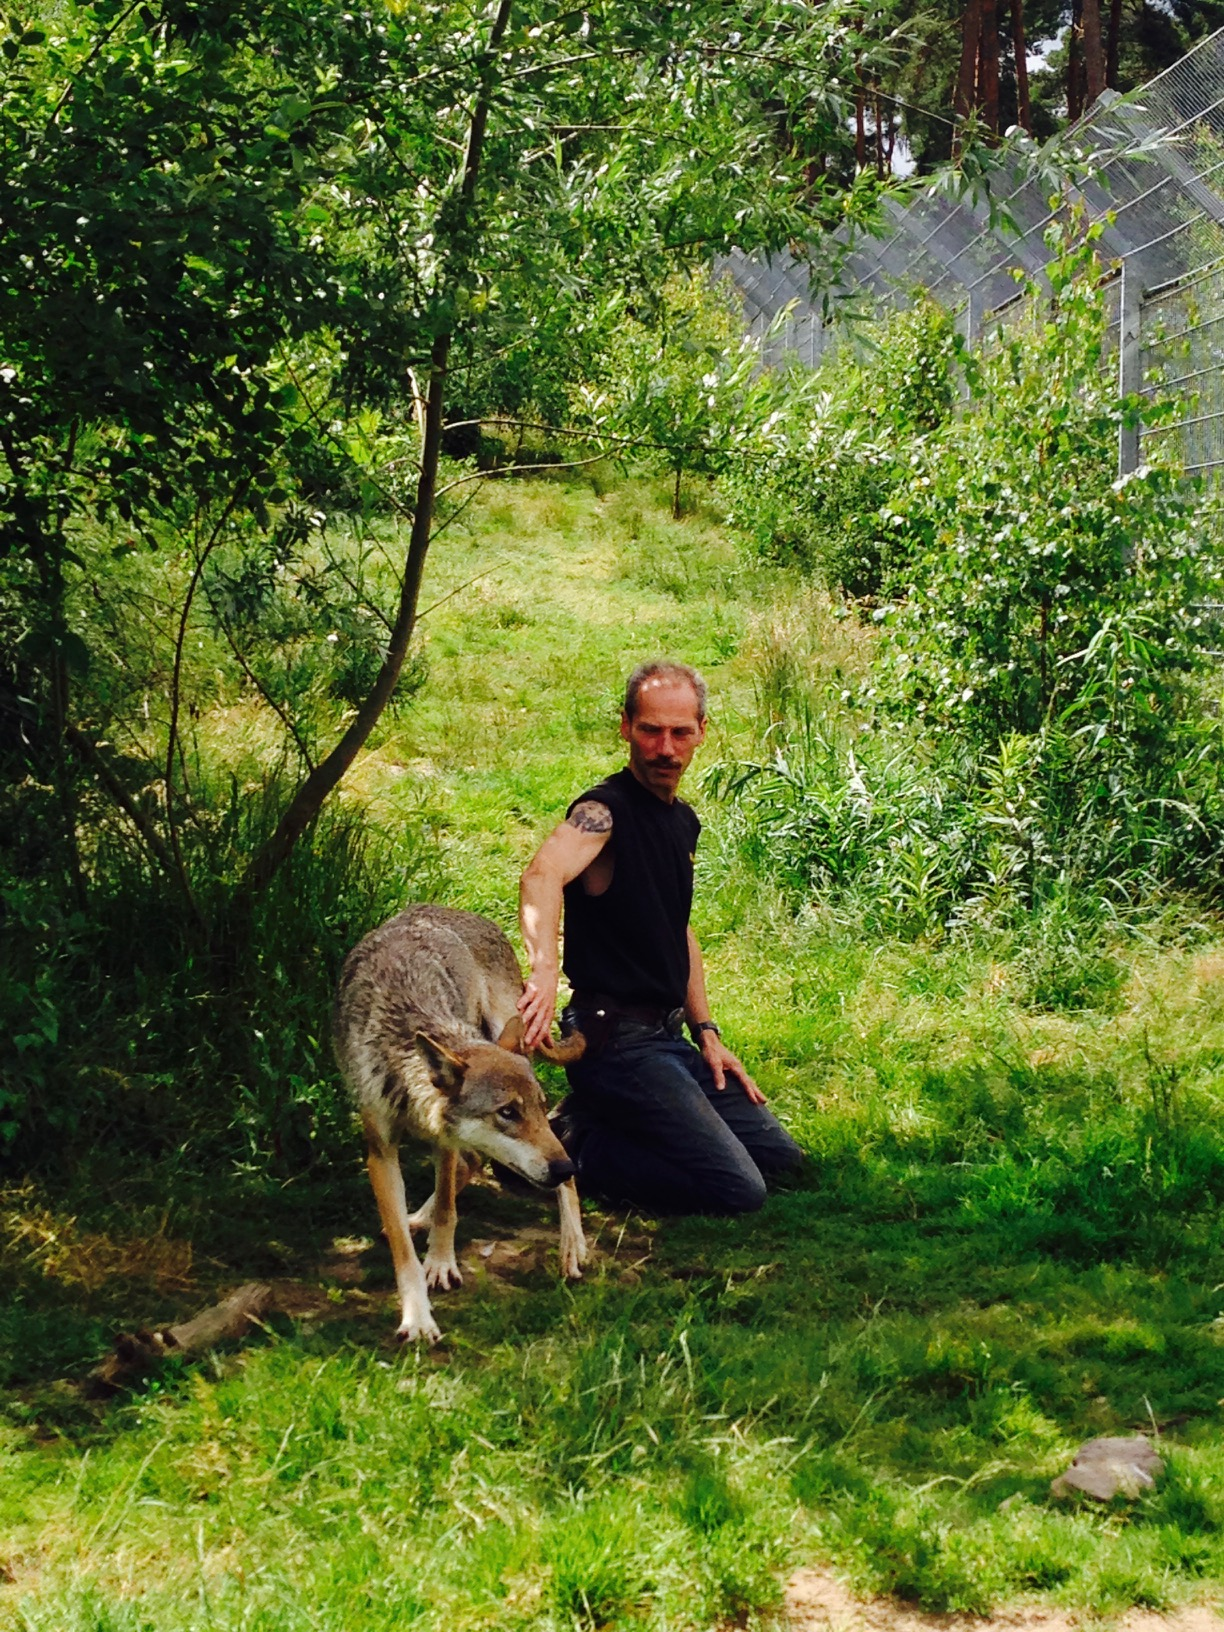 Wolf im Naturwildpark Granat, Haltern